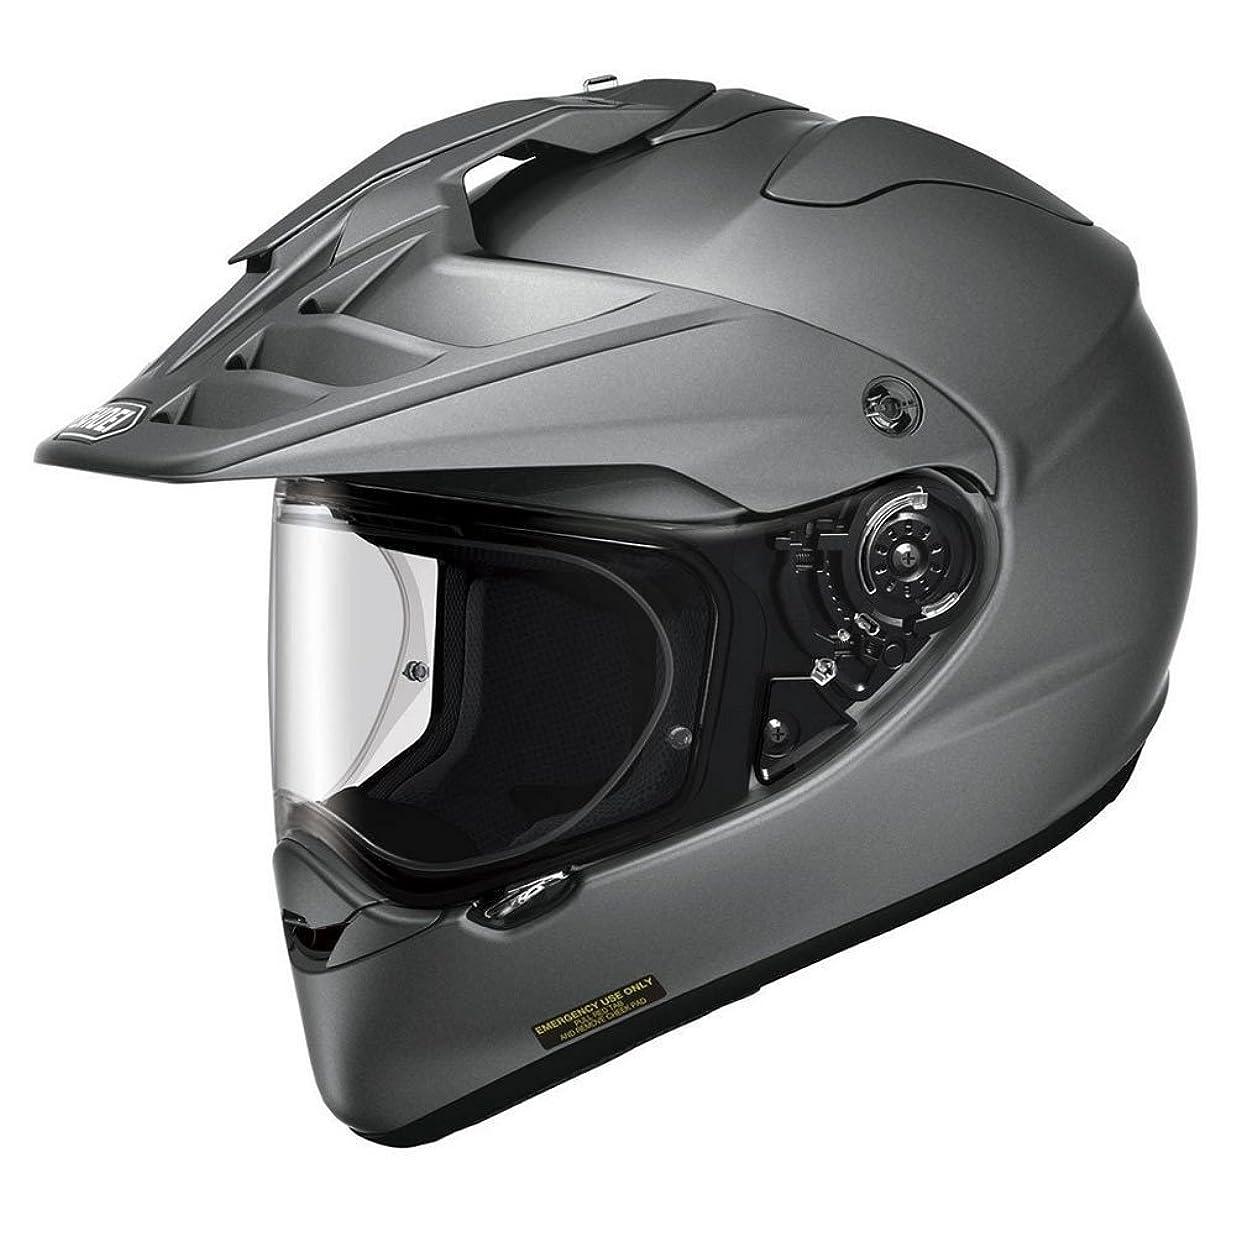 ドリル失態シネウィショウエイ(SHOEI) バイクヘルメット オフロード HORNET ADV マットディープグレー M (頭囲 57cm)